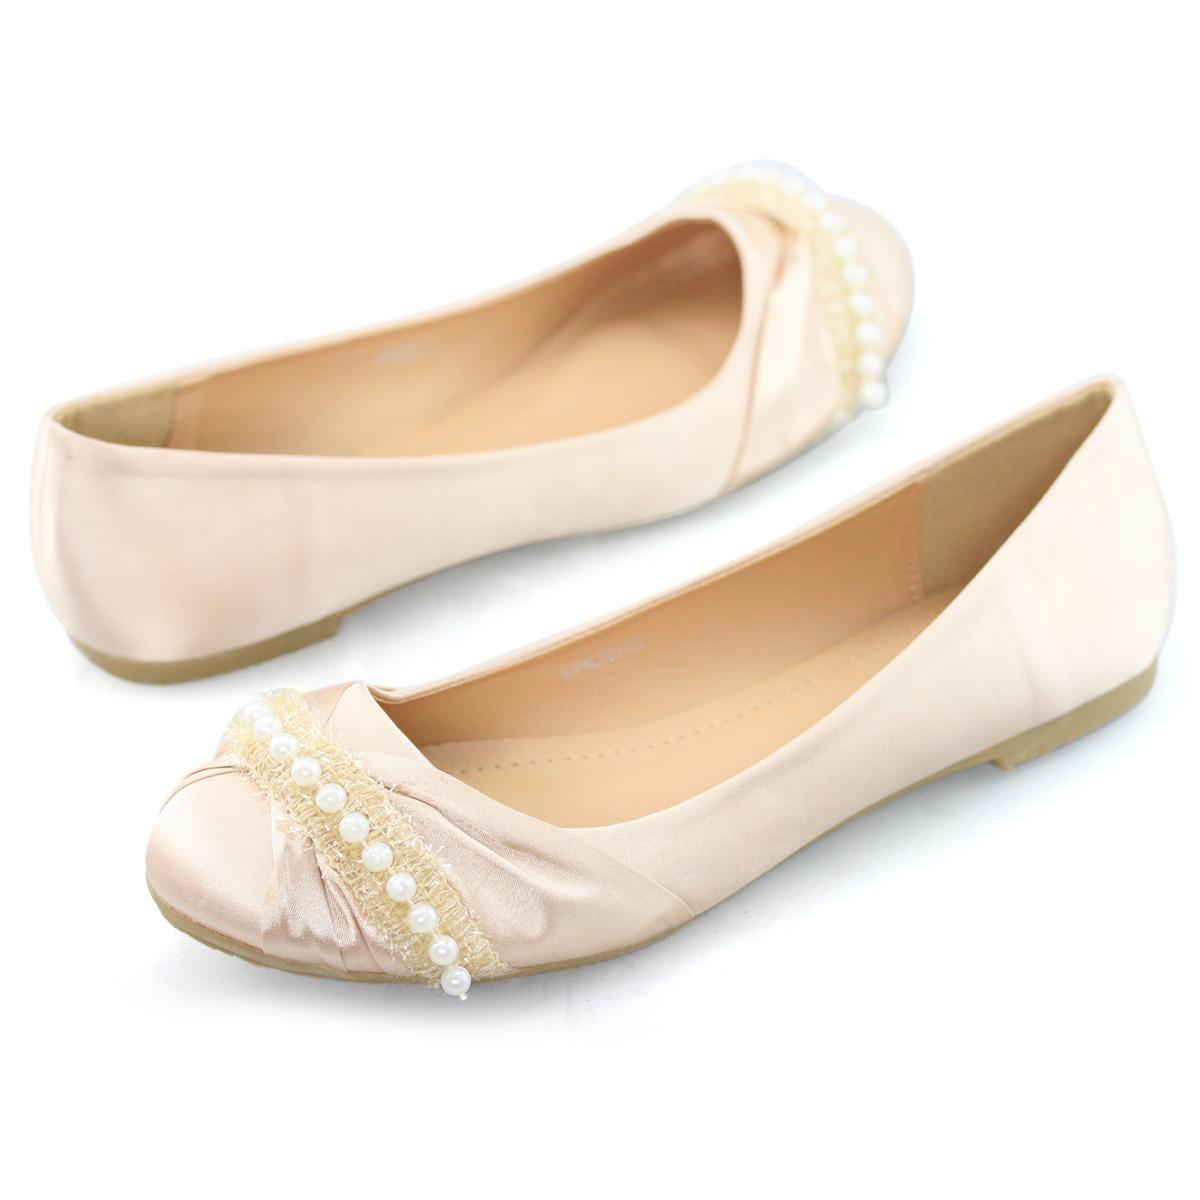 new womens flats pearl wedding bridal ballerina prom dress